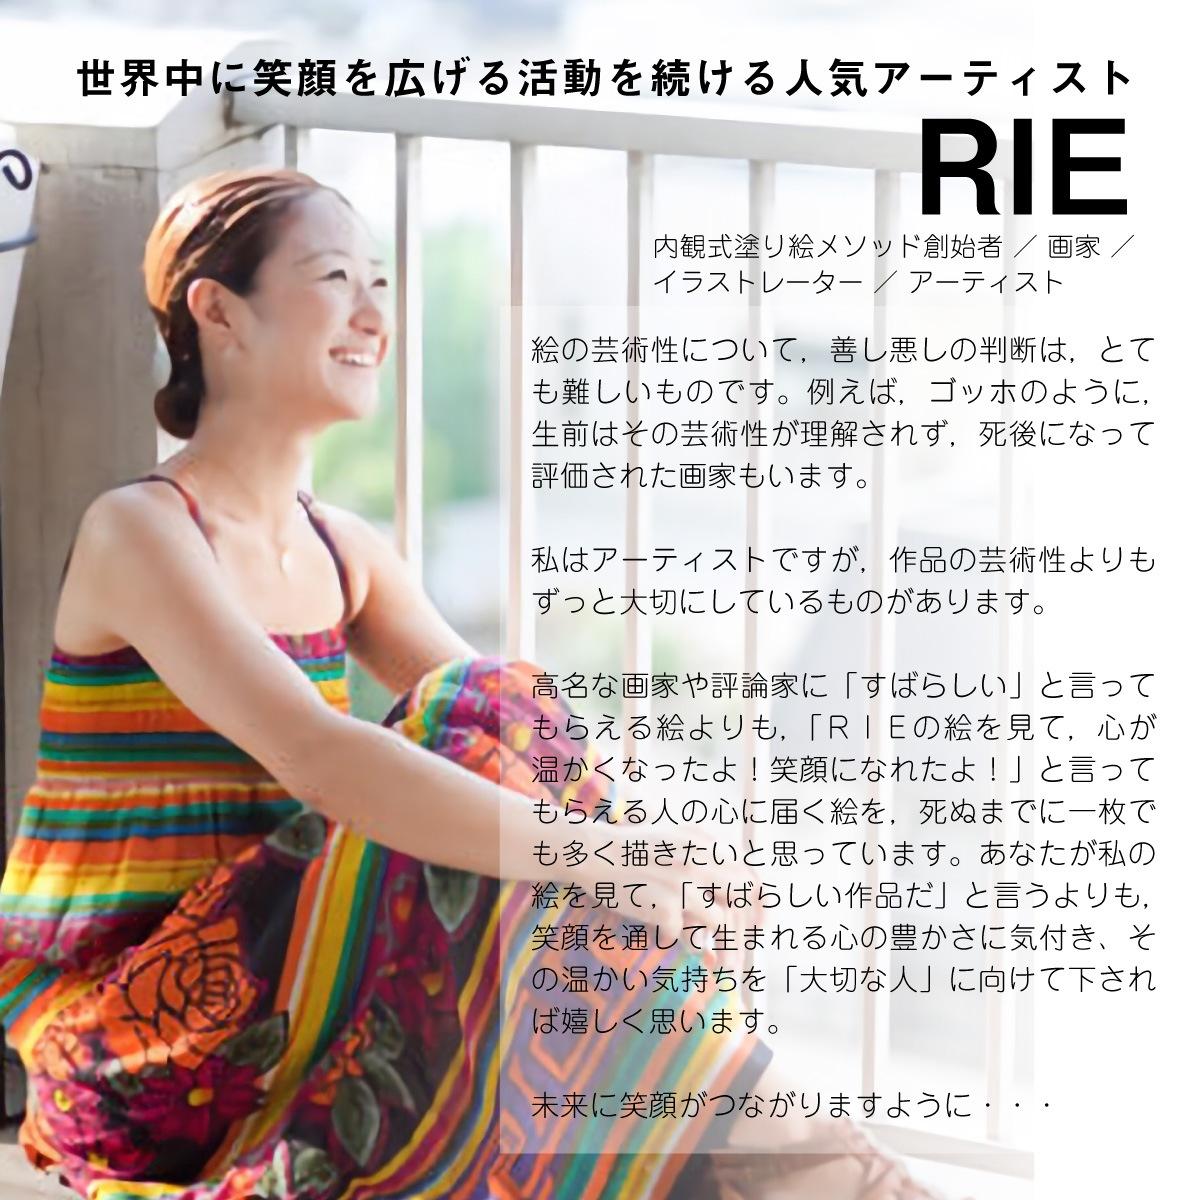 簡単おまじない♪  RIEの『幸福の逆さあじさい』